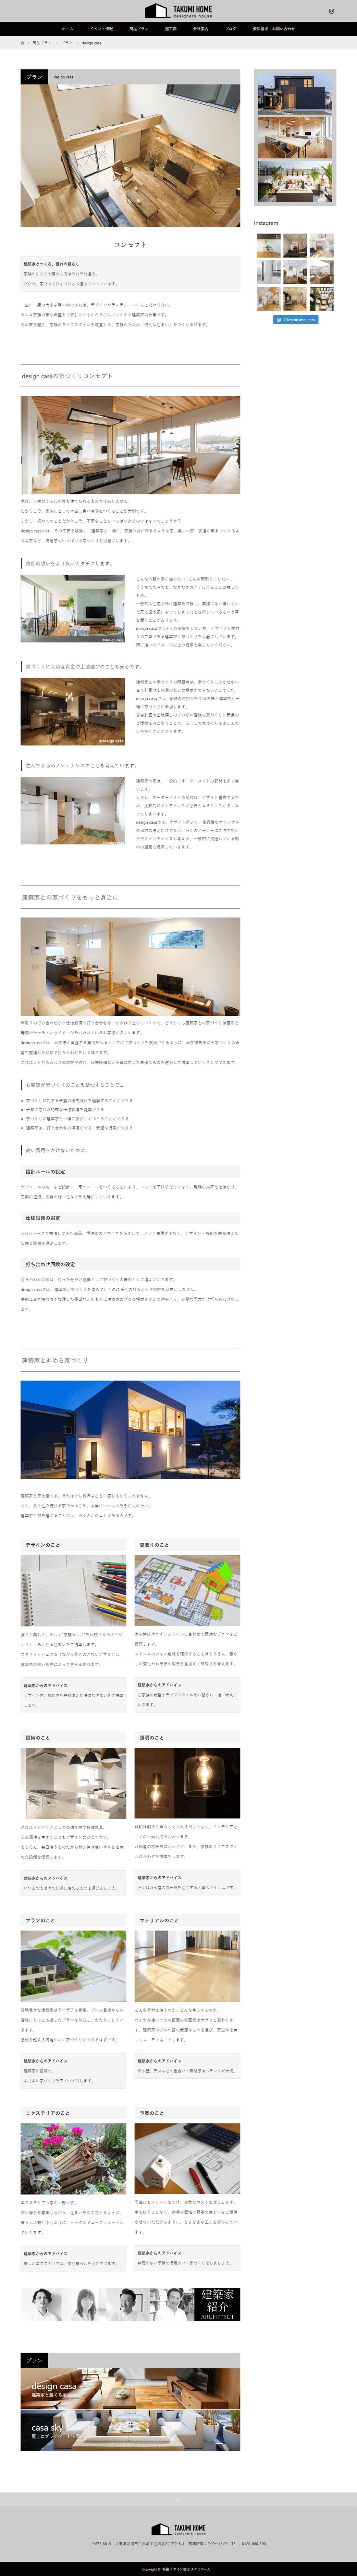 姫路市 株式会社タクミホーム ホームページ制作2